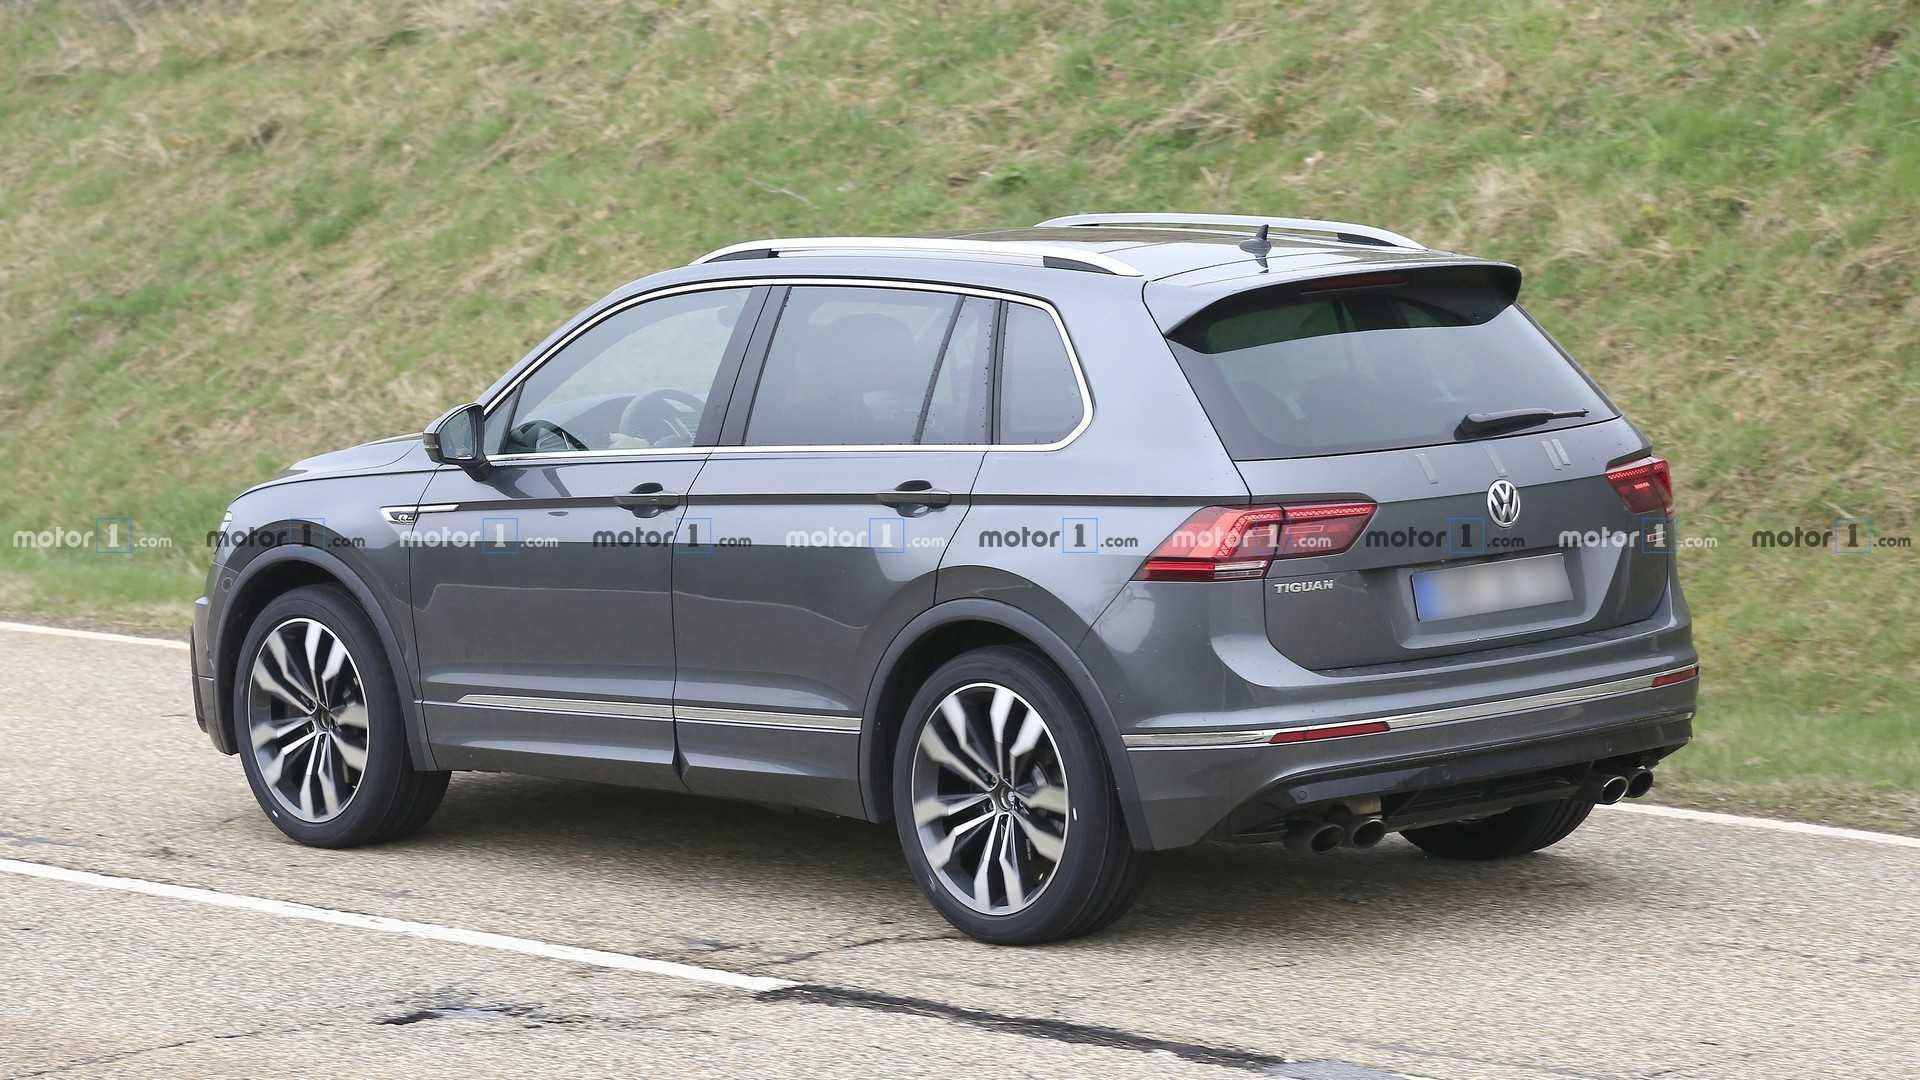 2020 Volkswagen Passat Price Design And Review In 2020 Volkswagen Touareg Tiguan R Volkswagen